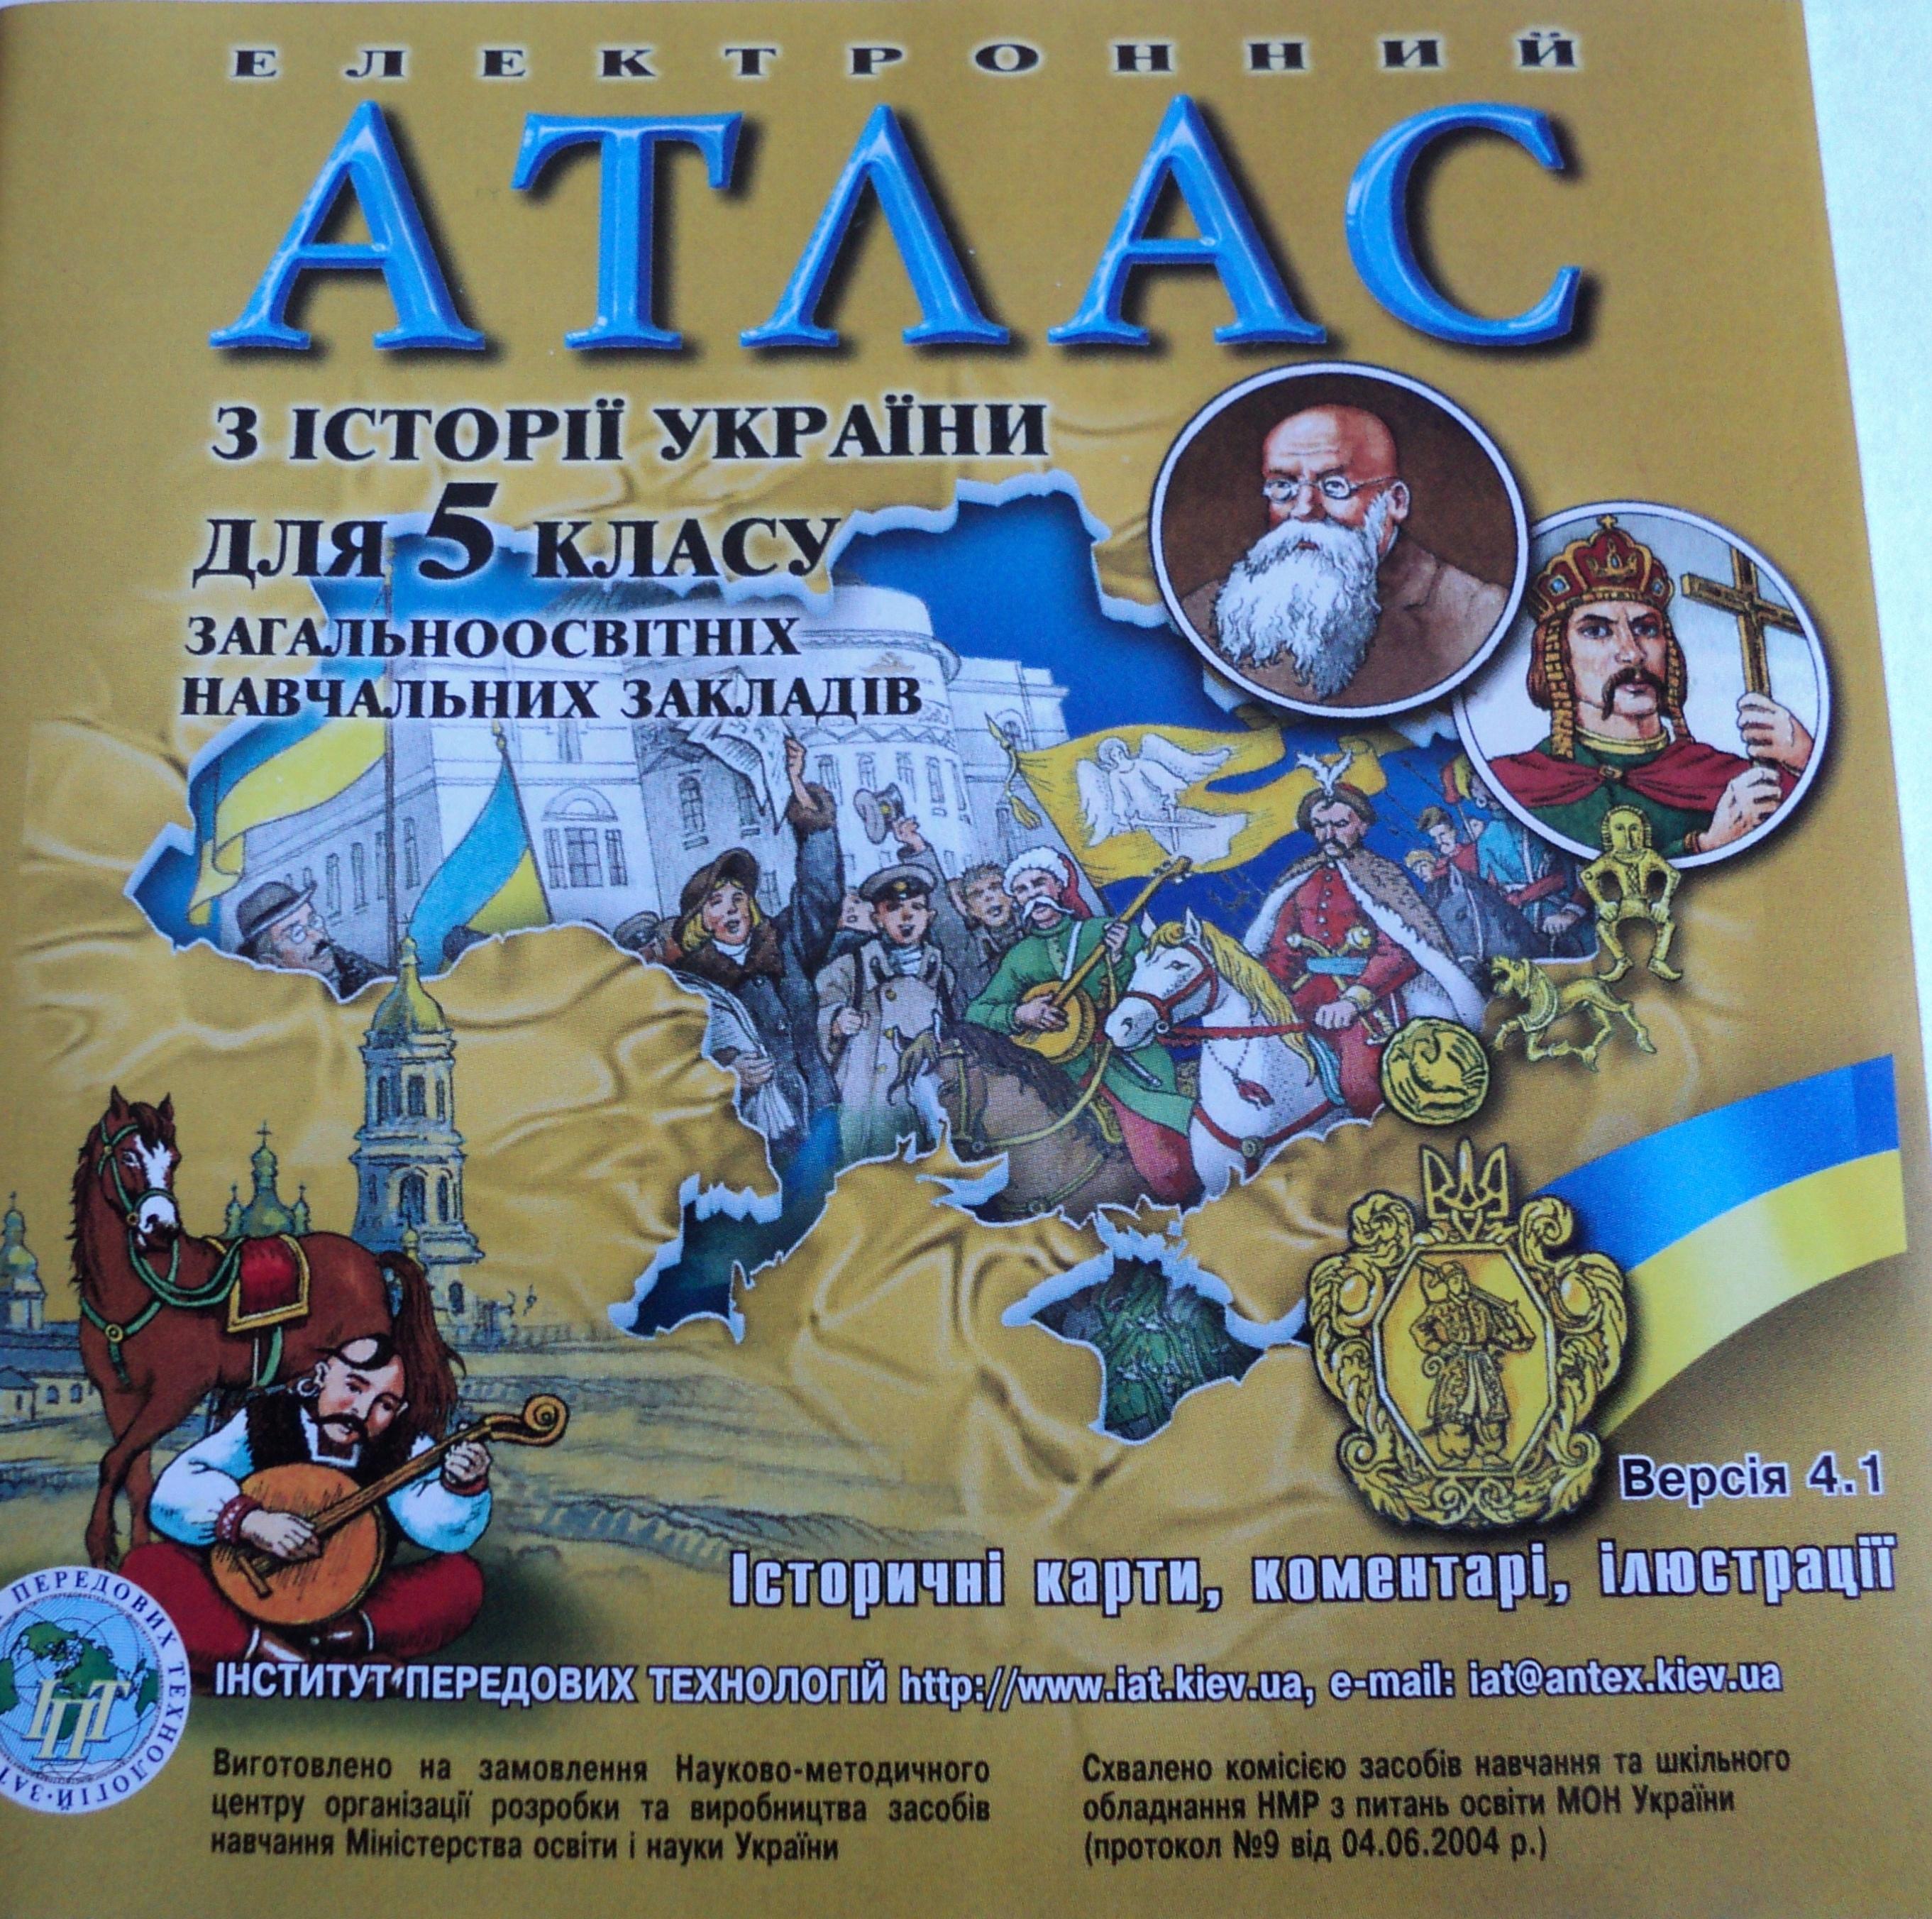 Атлас з історії україни 5кл